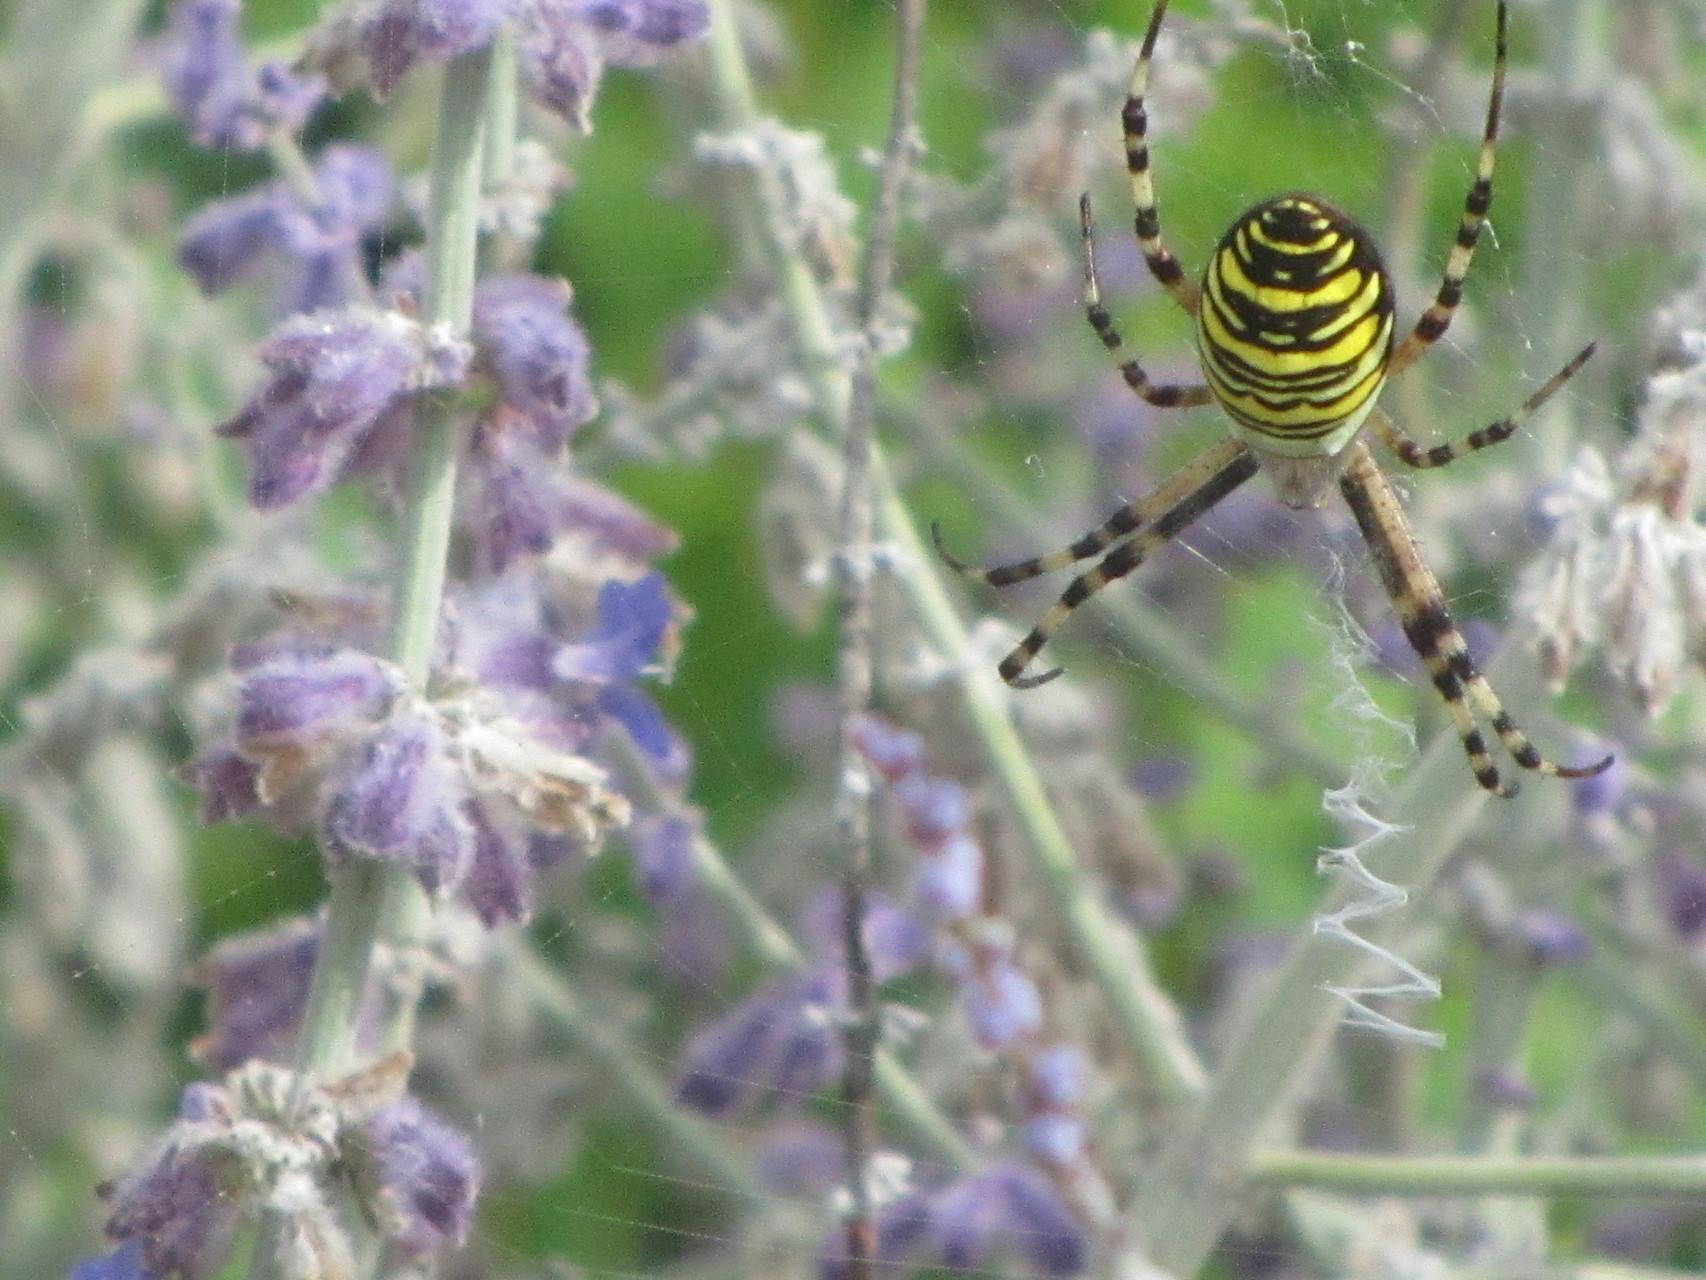 L'araignéee épeire fascié tissant sur Peroskia